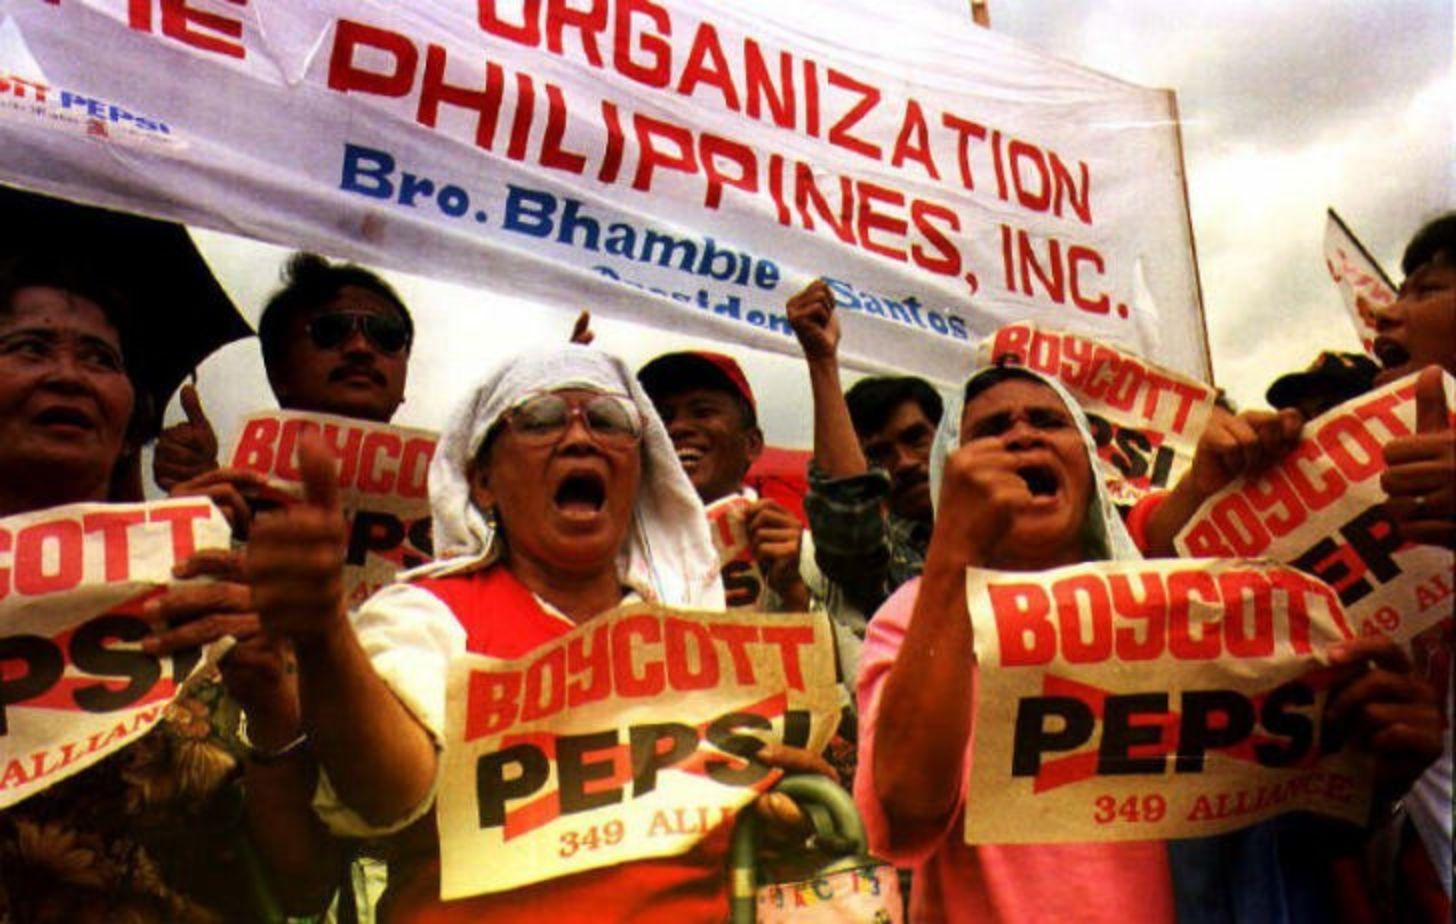 Pepsi: Halk Ayaklanmasıyla Biten 32 Milyar Dolarlık Reklam Kampanyası! | Pepsi Boykotu